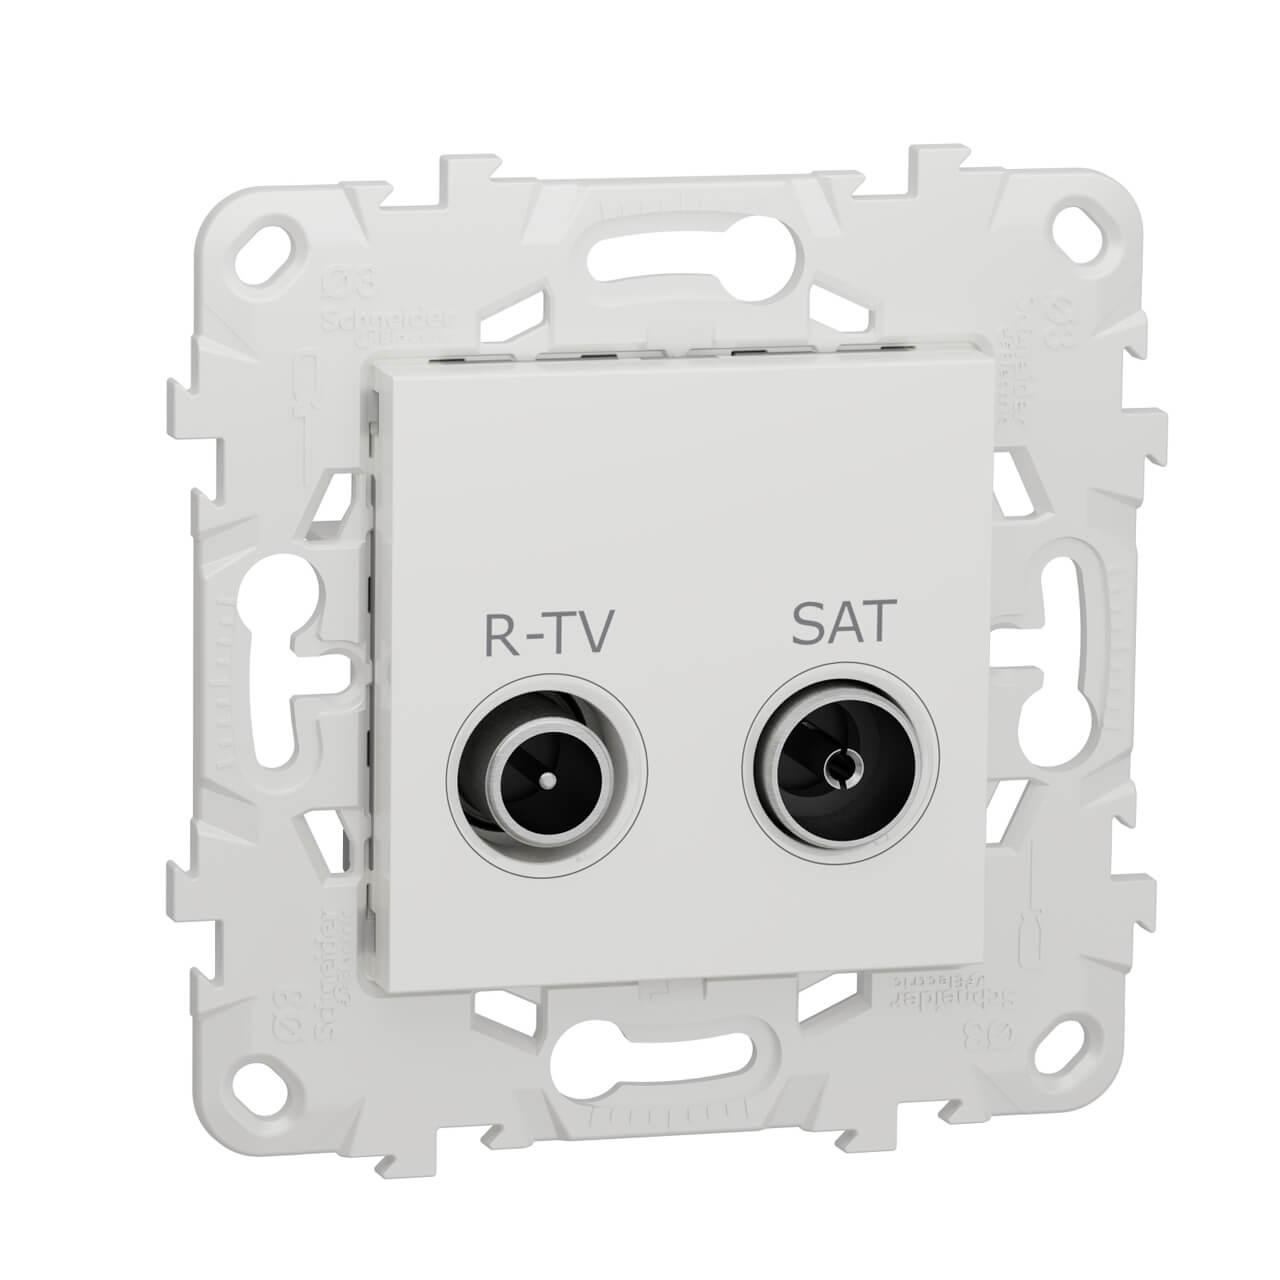 Розетка R-TV/SAT одиночная Schneider Electric Unica New NU545418